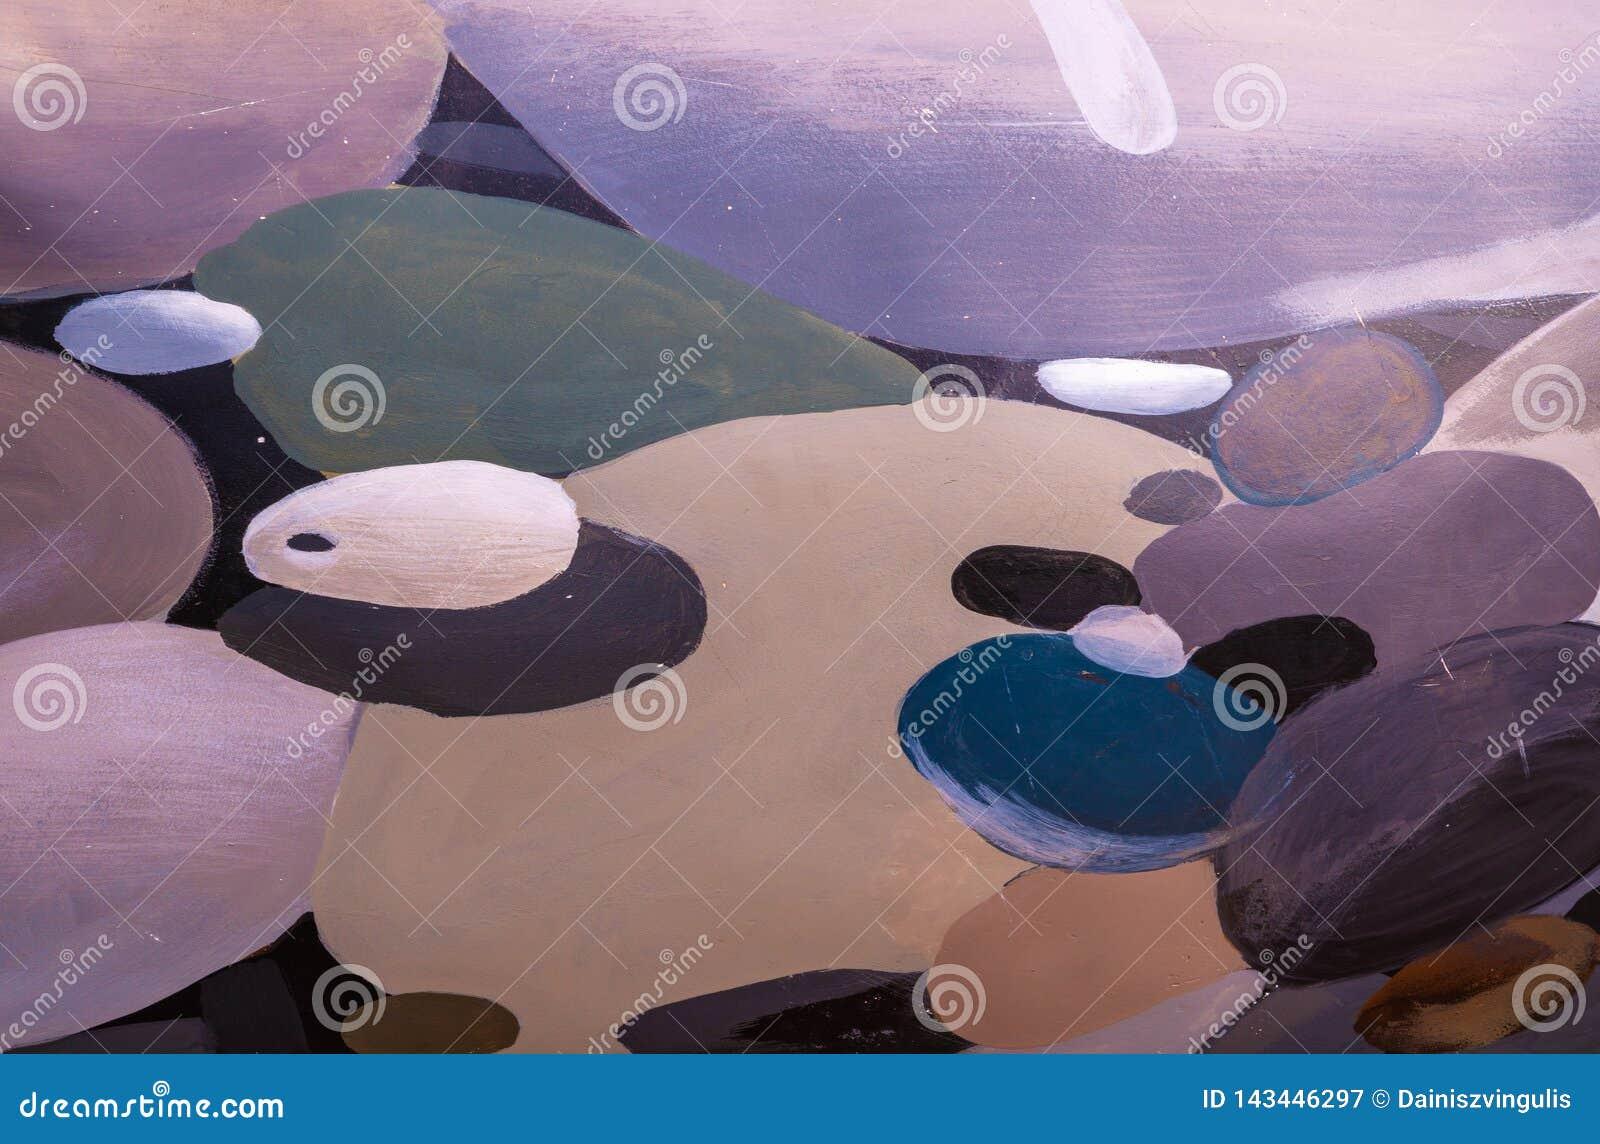 Abstrakt bakgrund av olika format- och färgcirklar